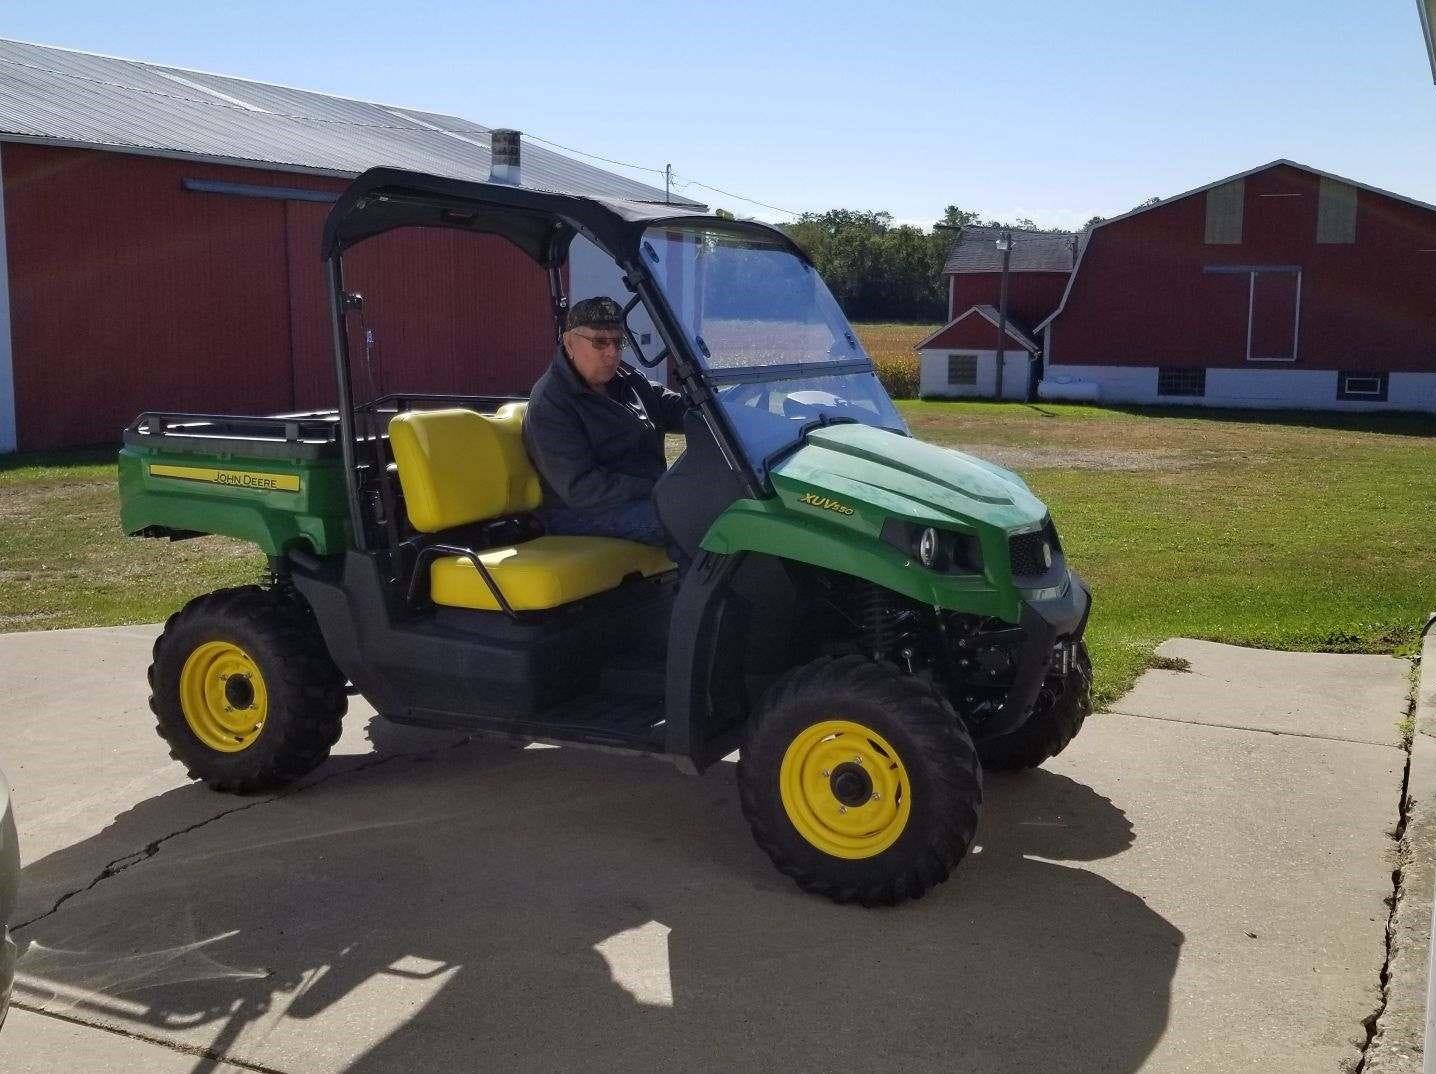 Dayton's Gator helps him get around on the farm nowadays.